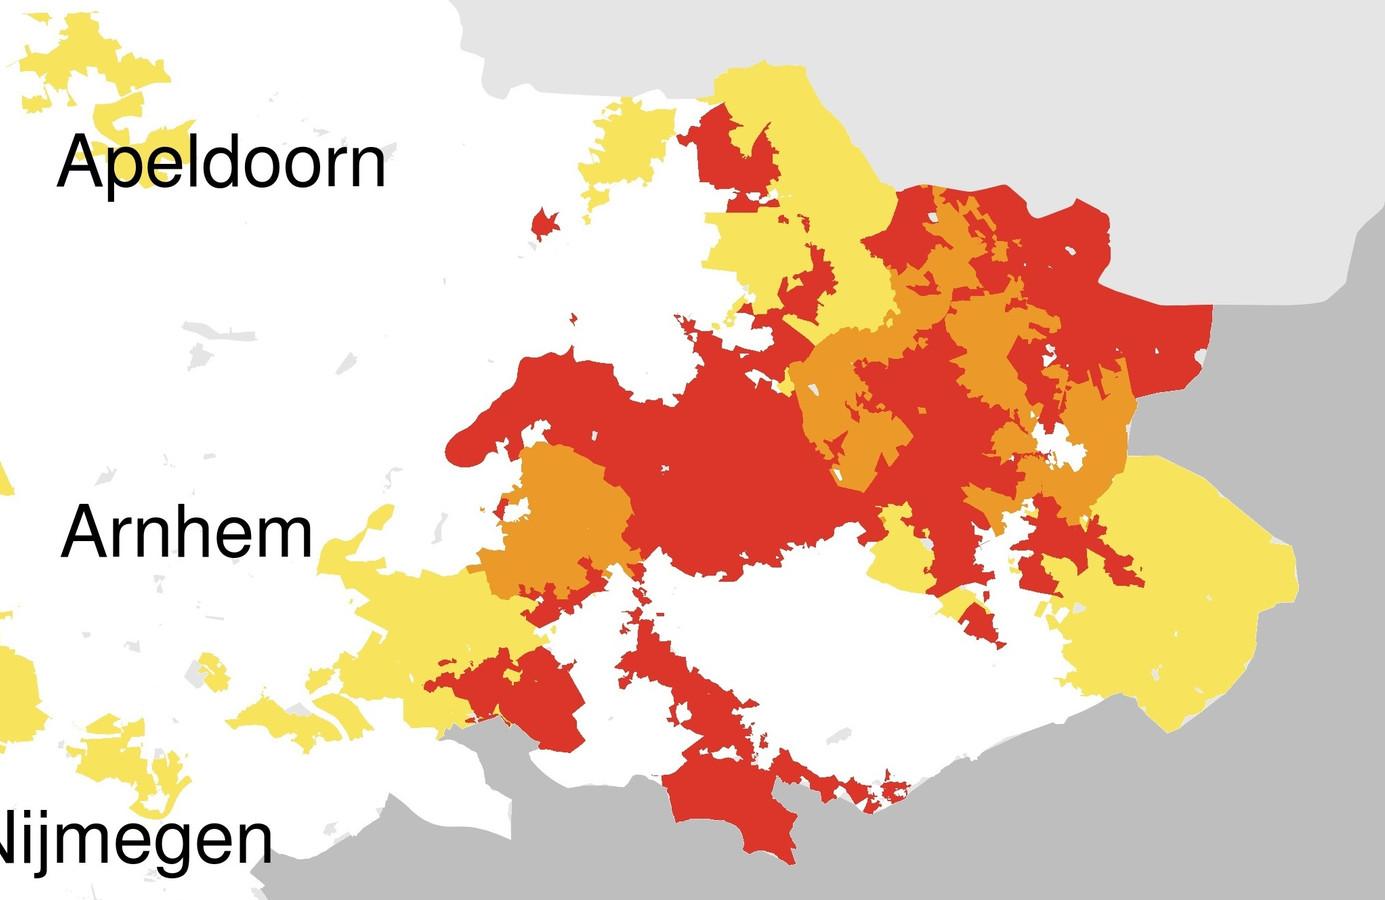 In de rode gebieden is geen transportcapaciteit meer beschikbaar. In oranje gebieden alleen nog zeer beperkt. In de gele gebieden beperkt en de witte gebieden is er nog ruimte. Berkelland kleurt rood en oranje.